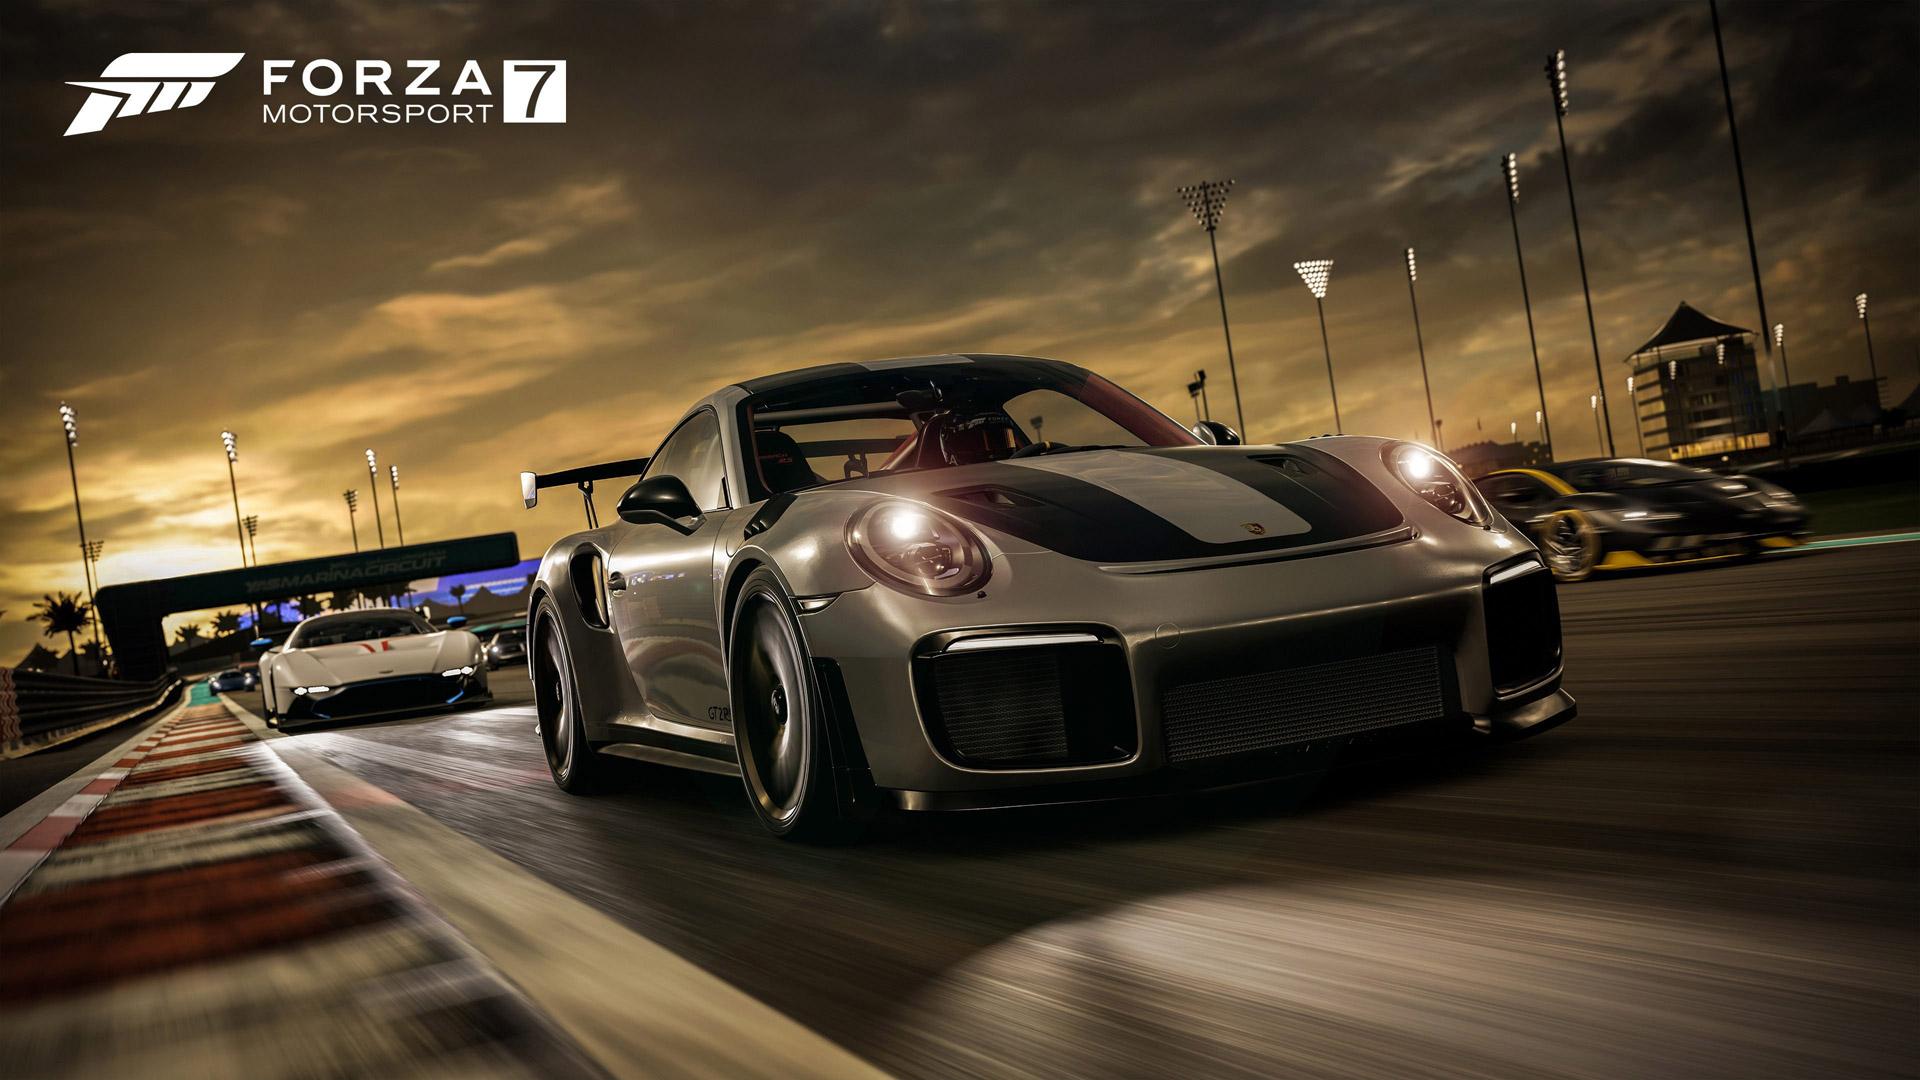 Free Forza Motorsport 7 Wallpaper in 1920x1080